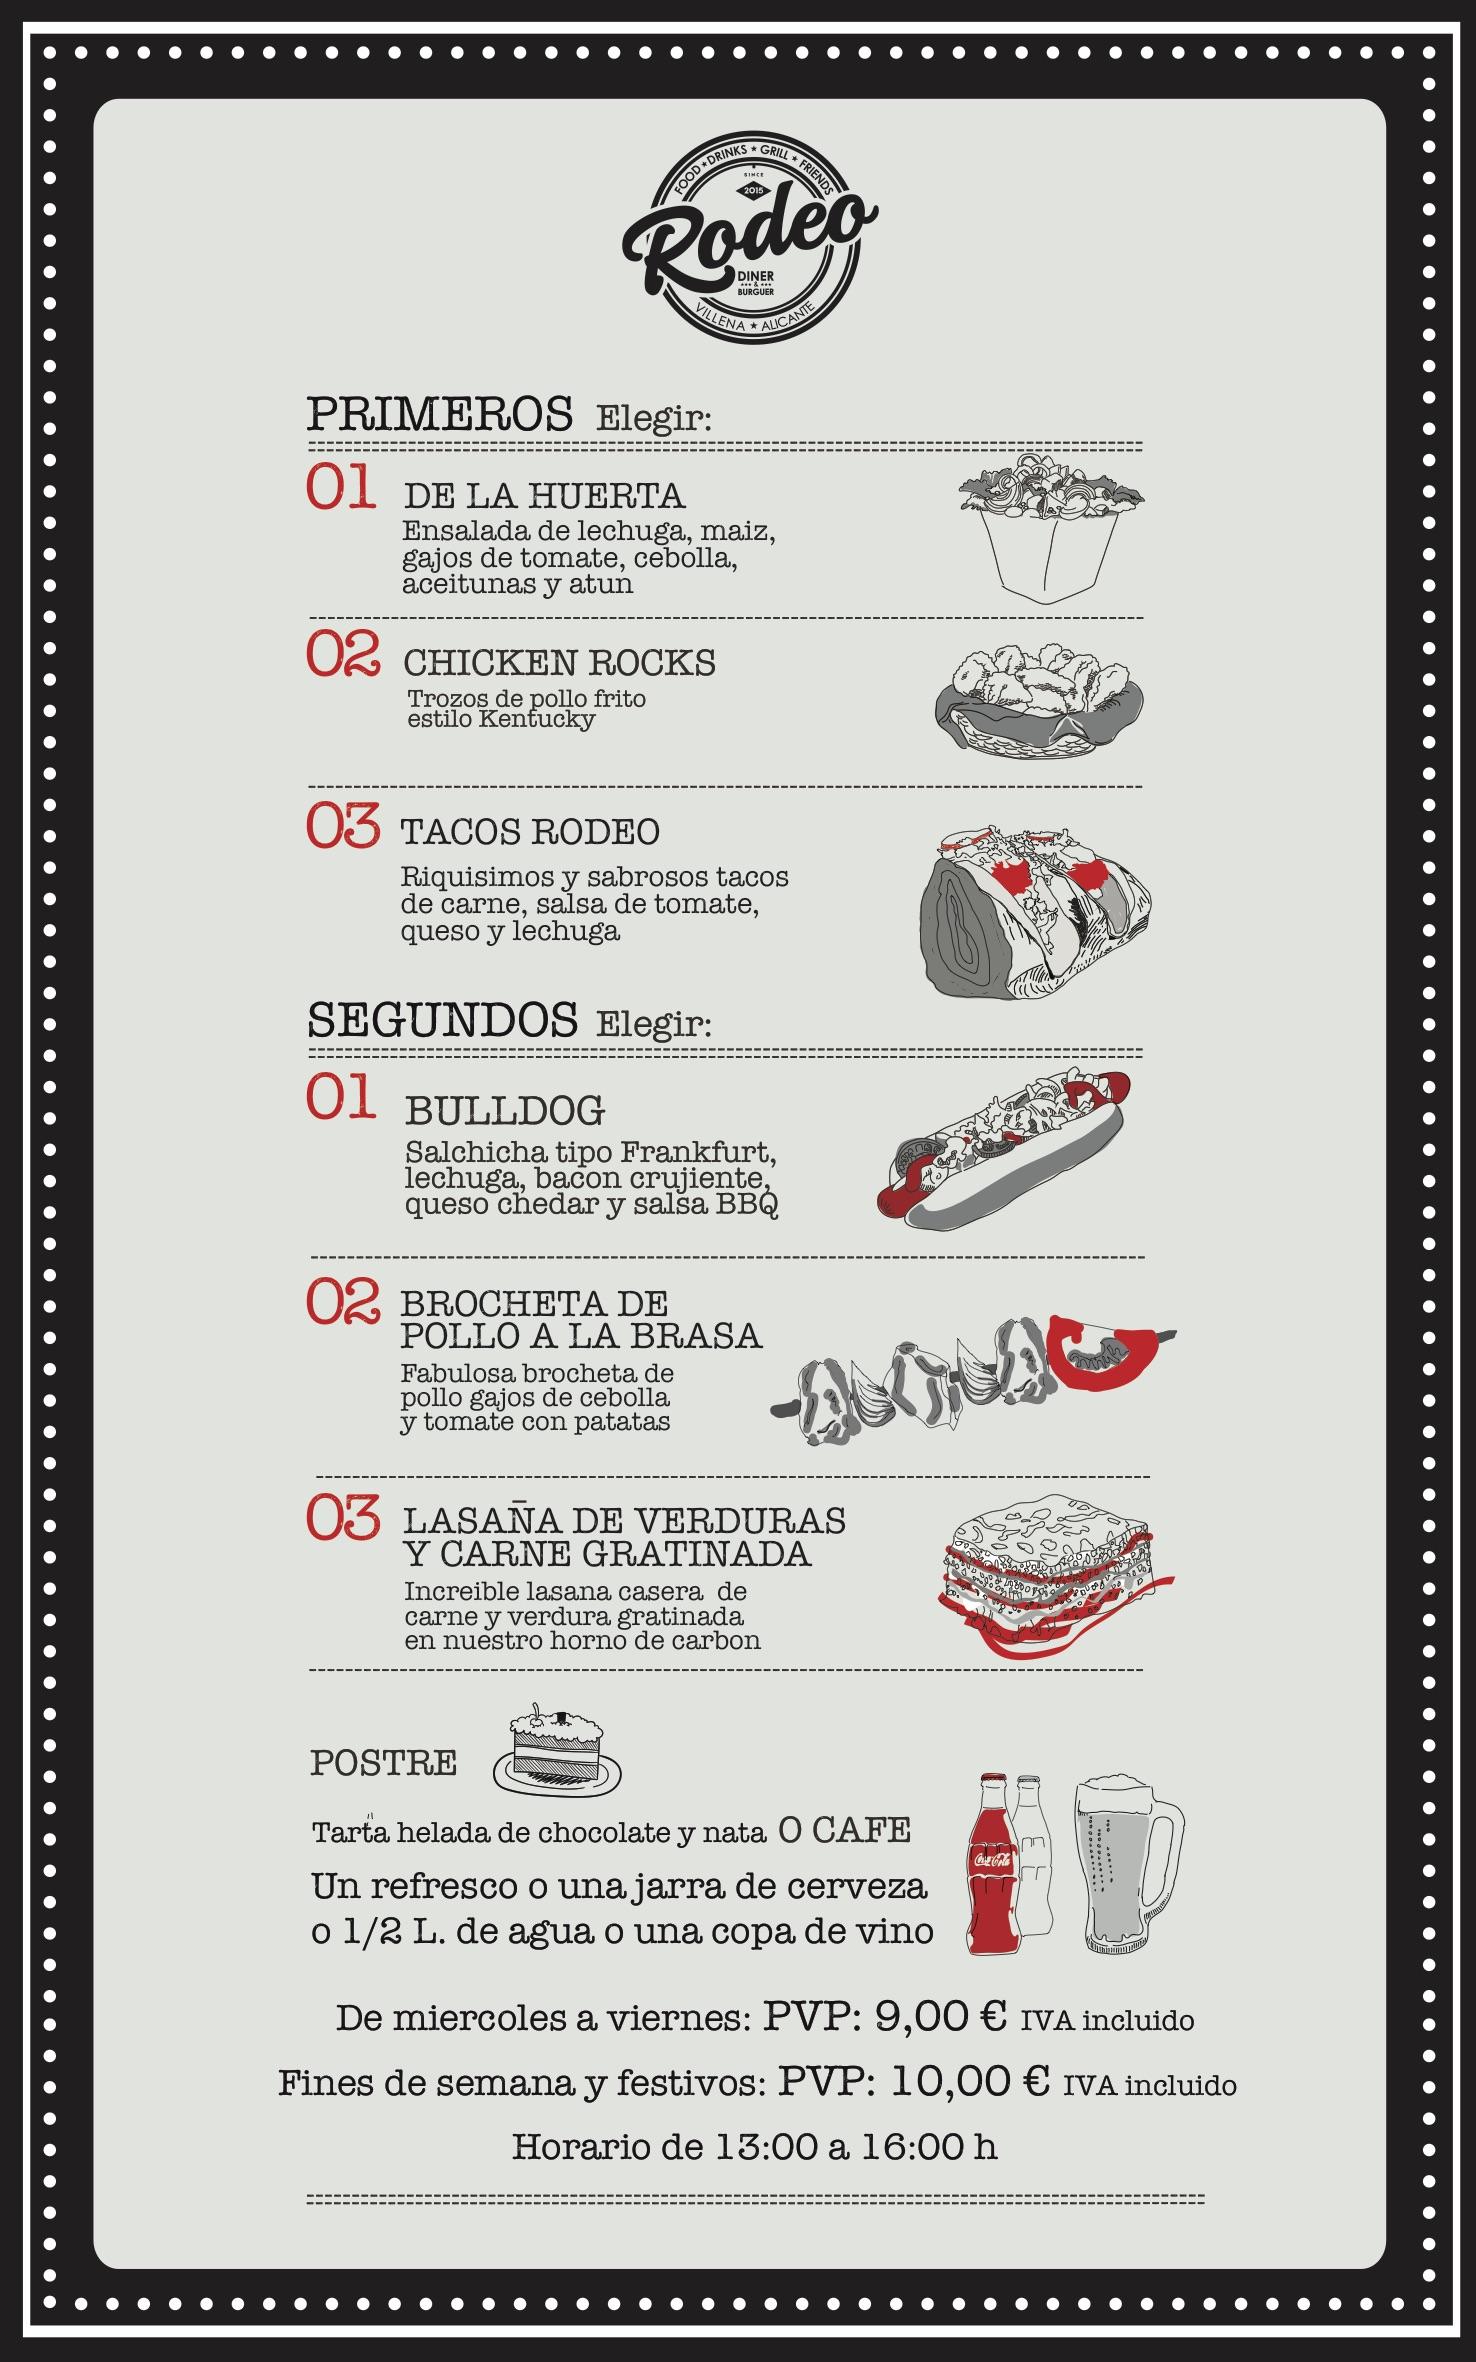 menu del dia - Rodeo Diner Villena